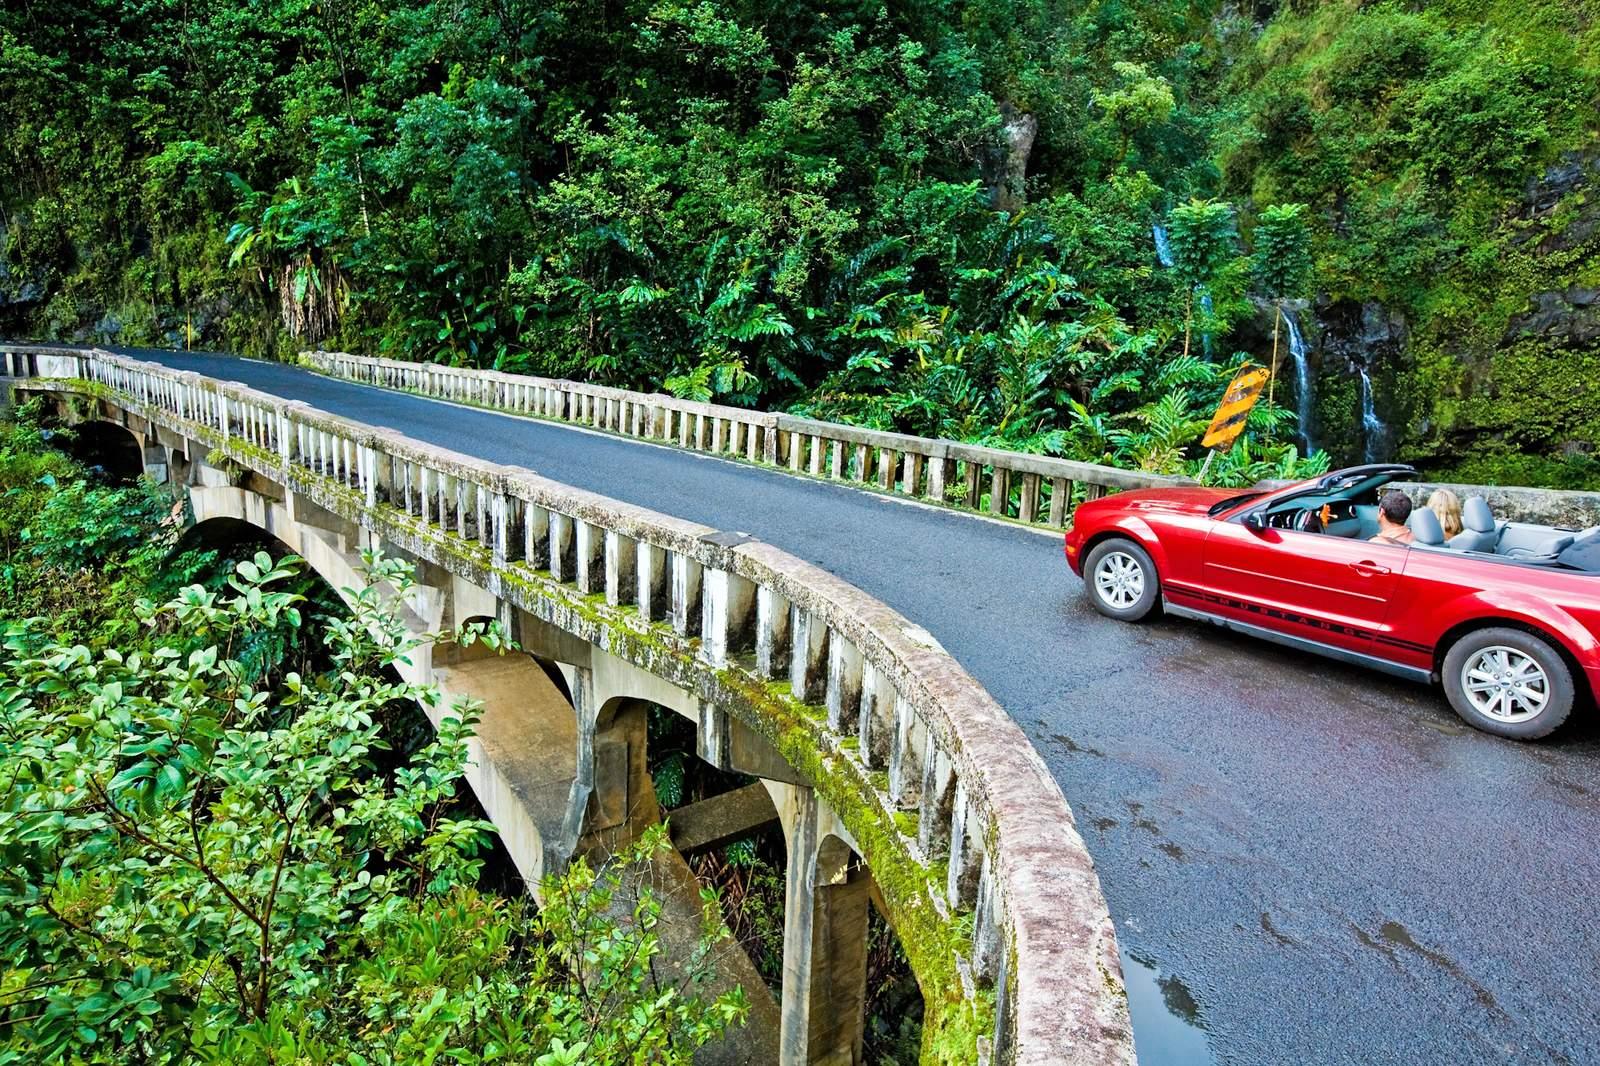 Hana-Küste, ein tropische Küstenlandschaft auf Maui